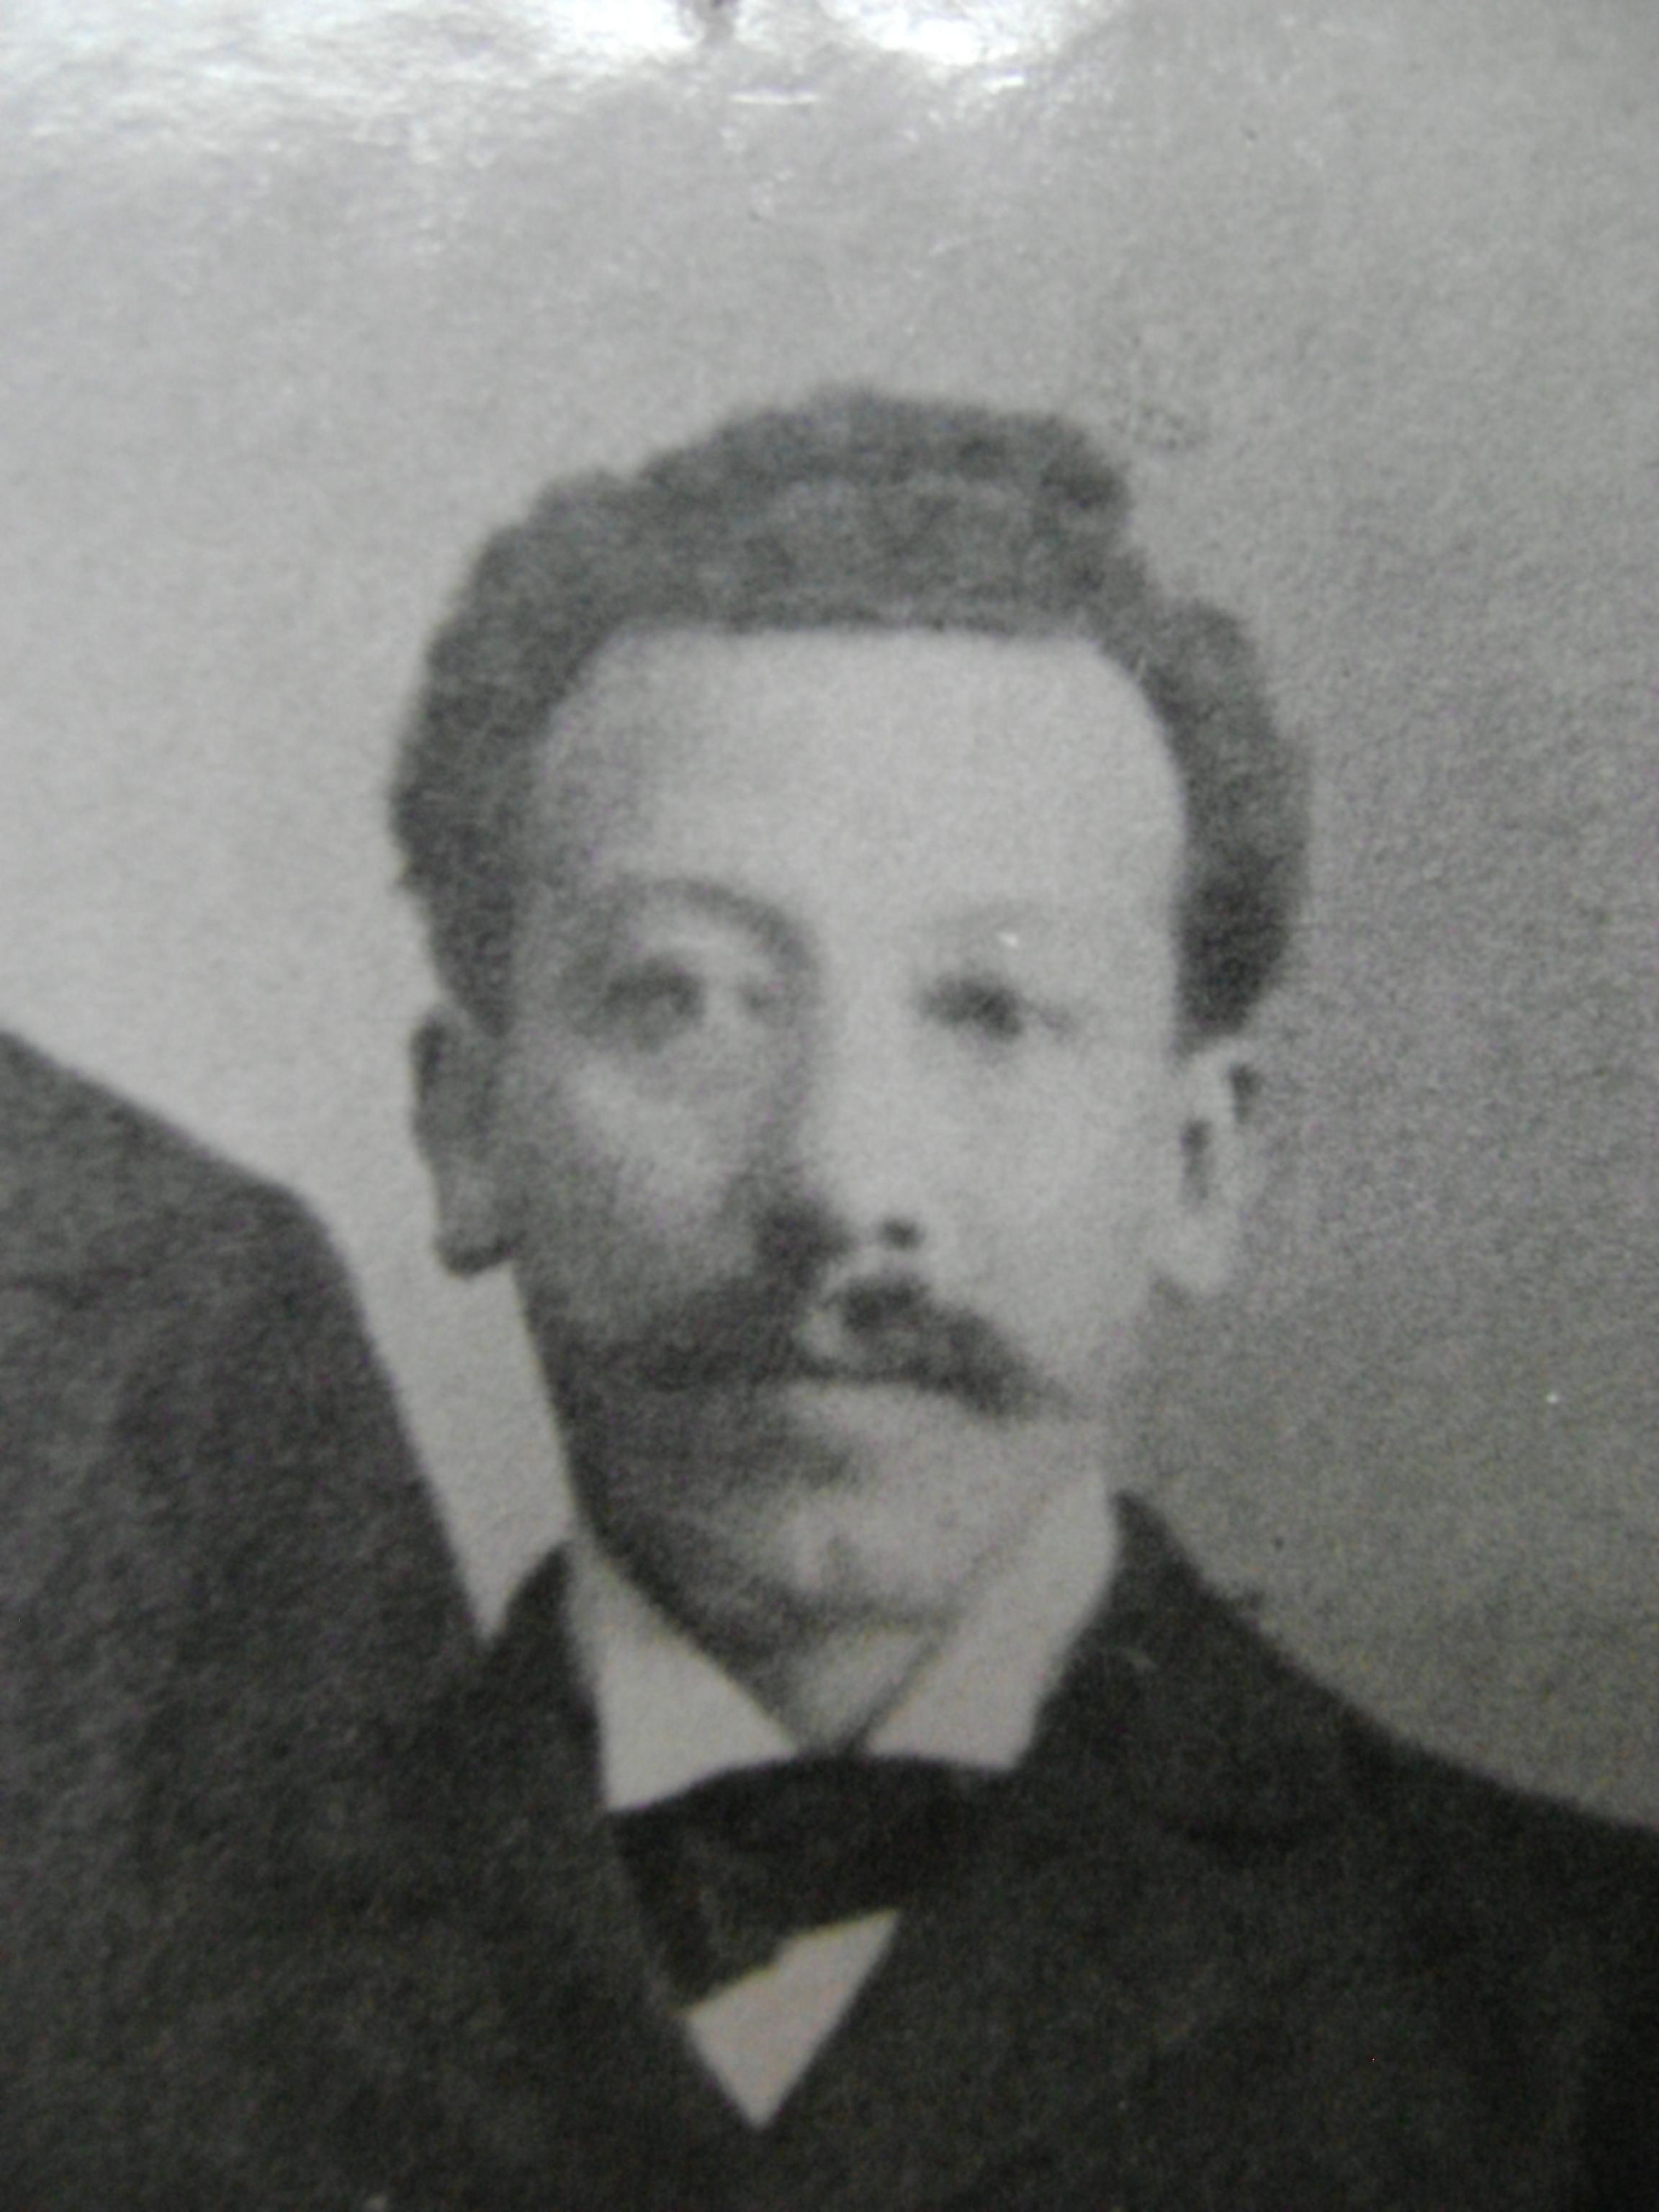 Alfredo Ferrat